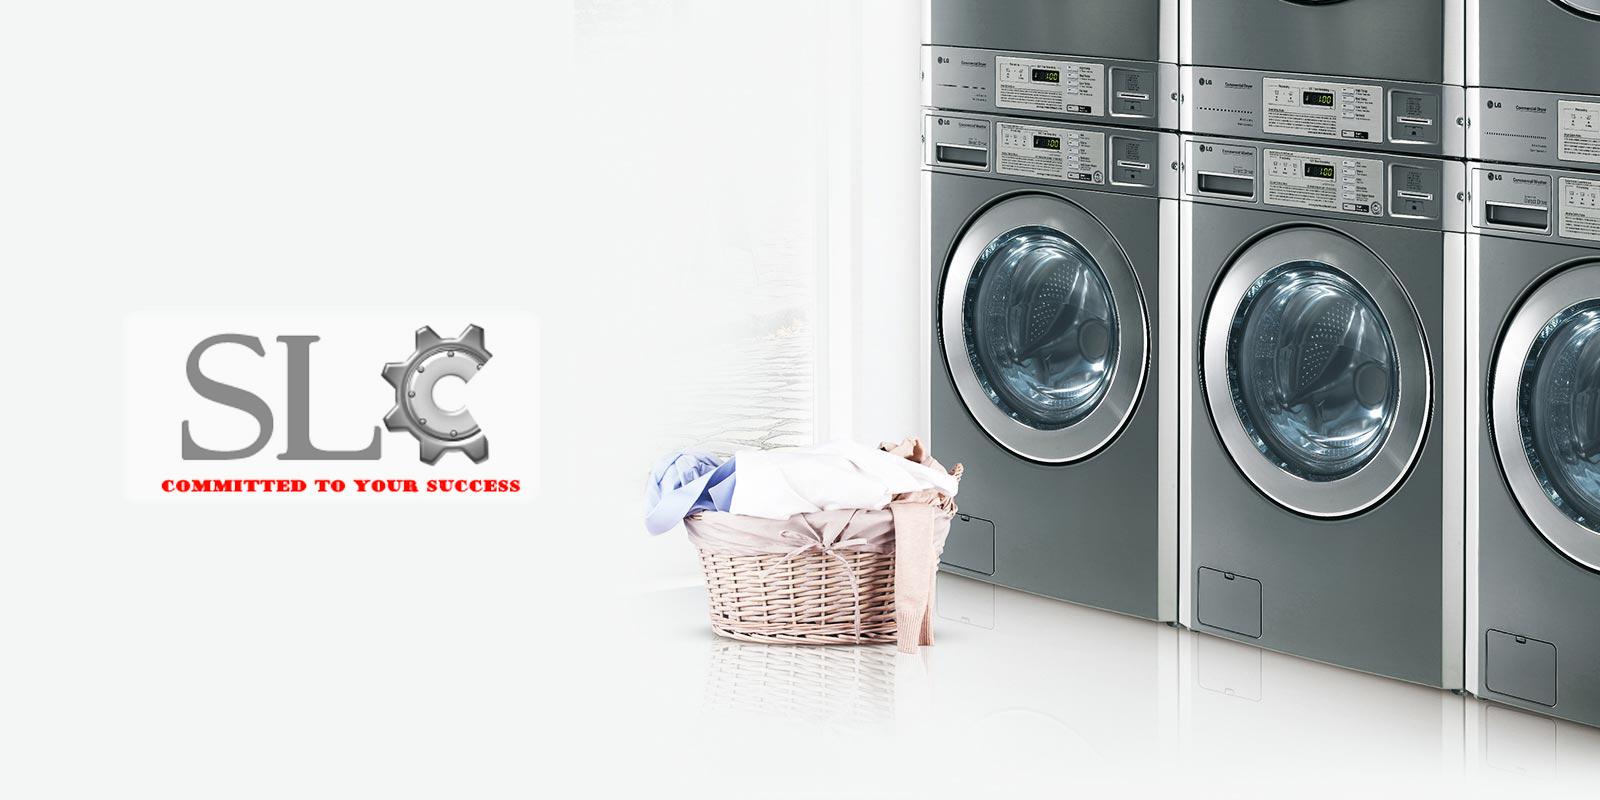 Máy giặt công nghiệp giá rẻ - Công cụ giặt là số lượng lớn tốt nhất hiện nay